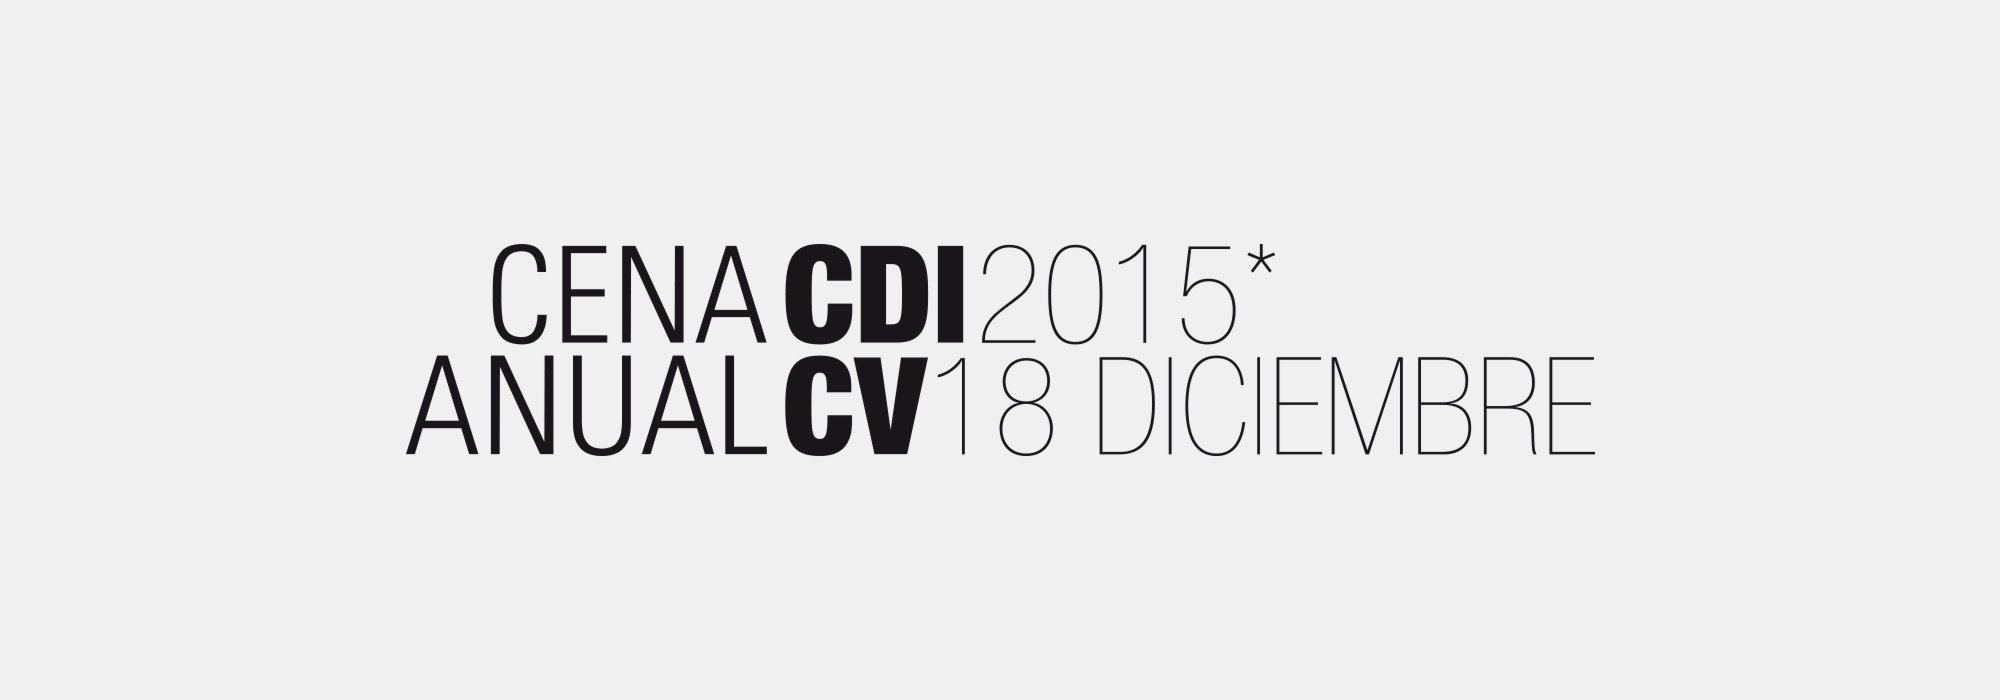 Adaptación logotipos de actividades CDICV